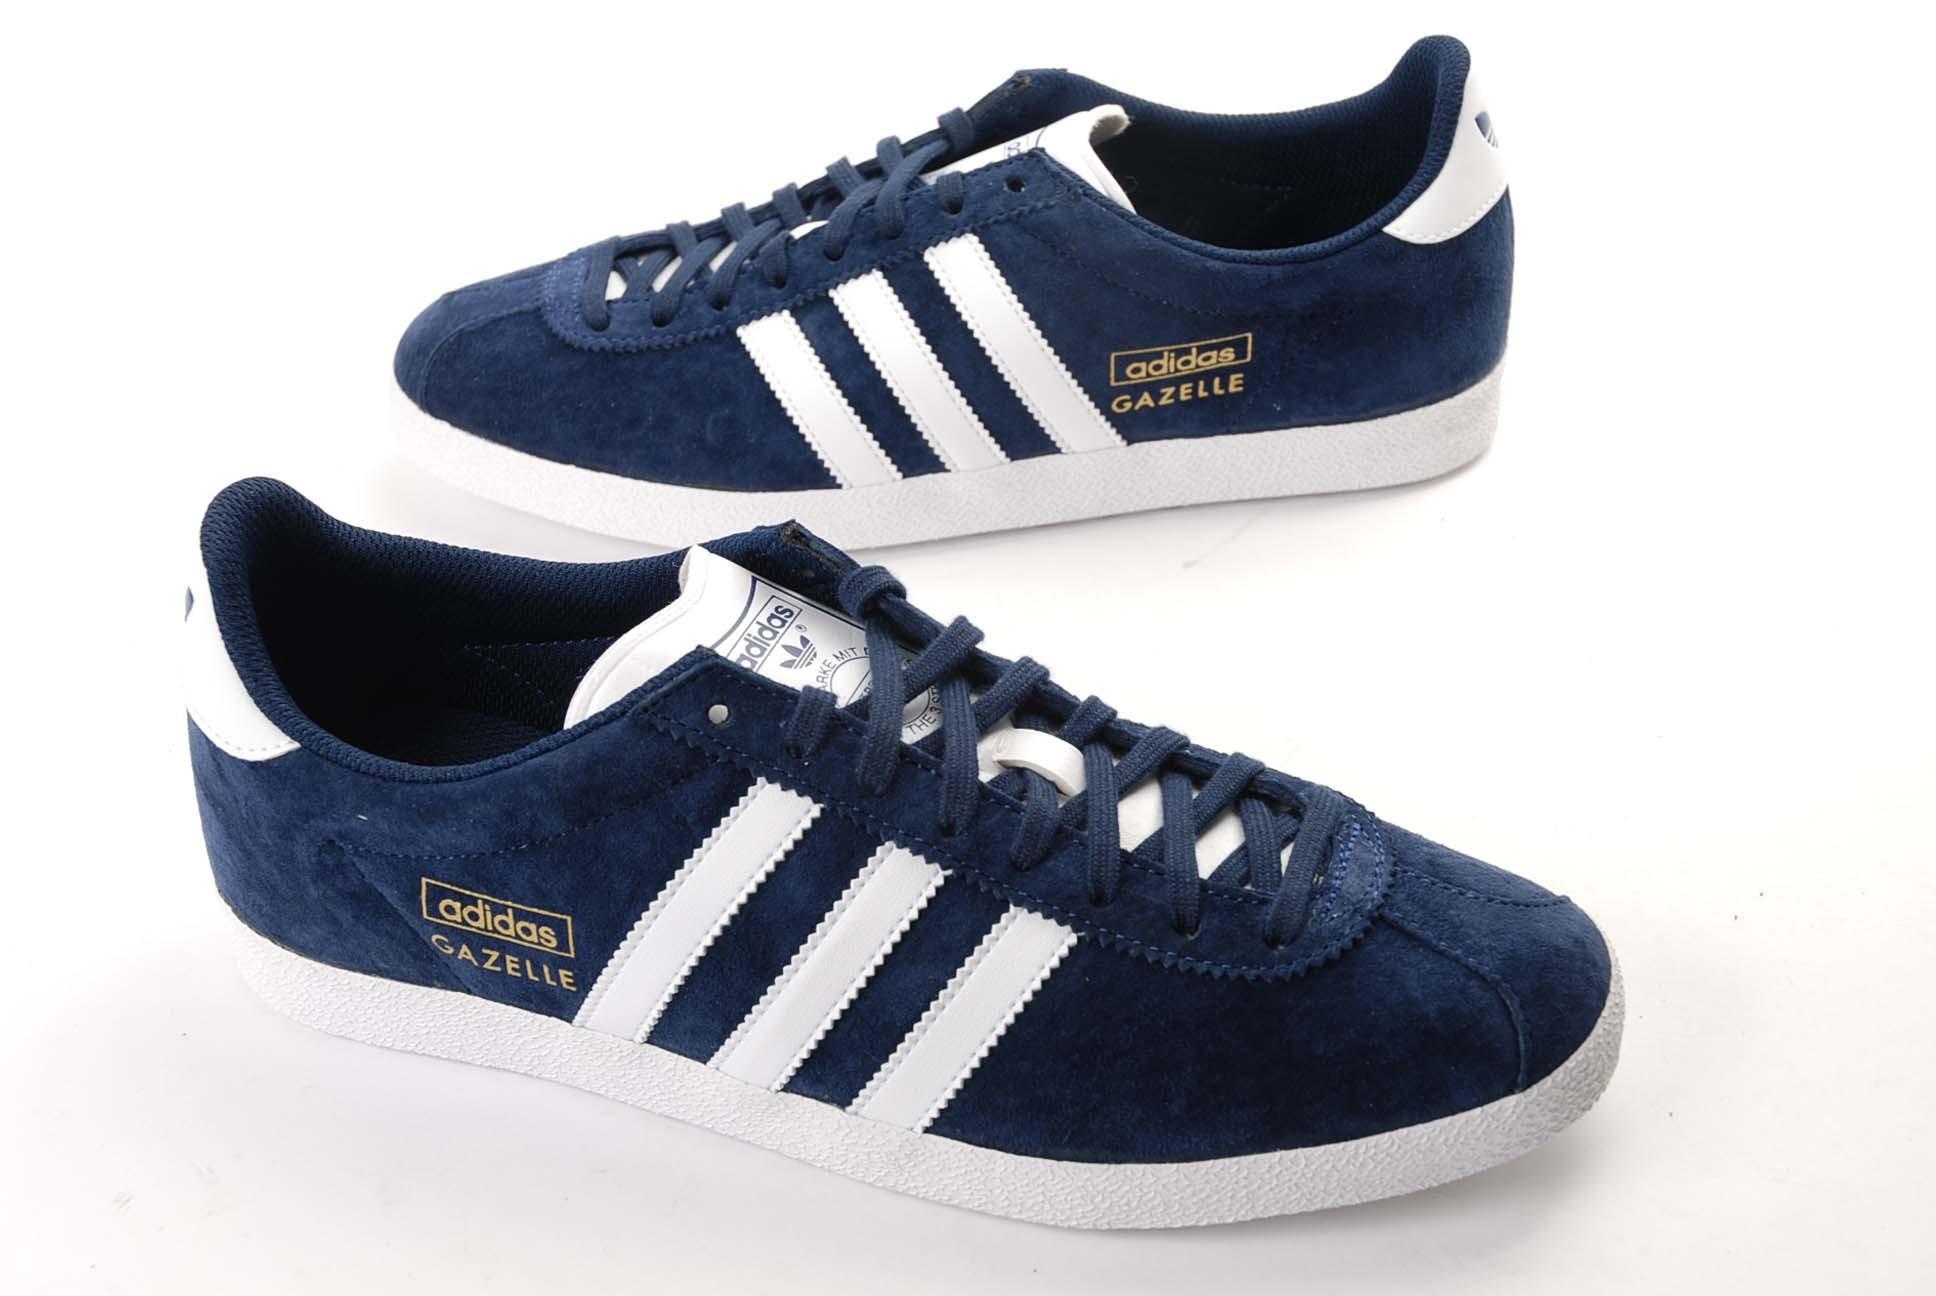 adidas gazelle pas cher bleu,Adidas - Gazelle Enfant Bleu Marine ...